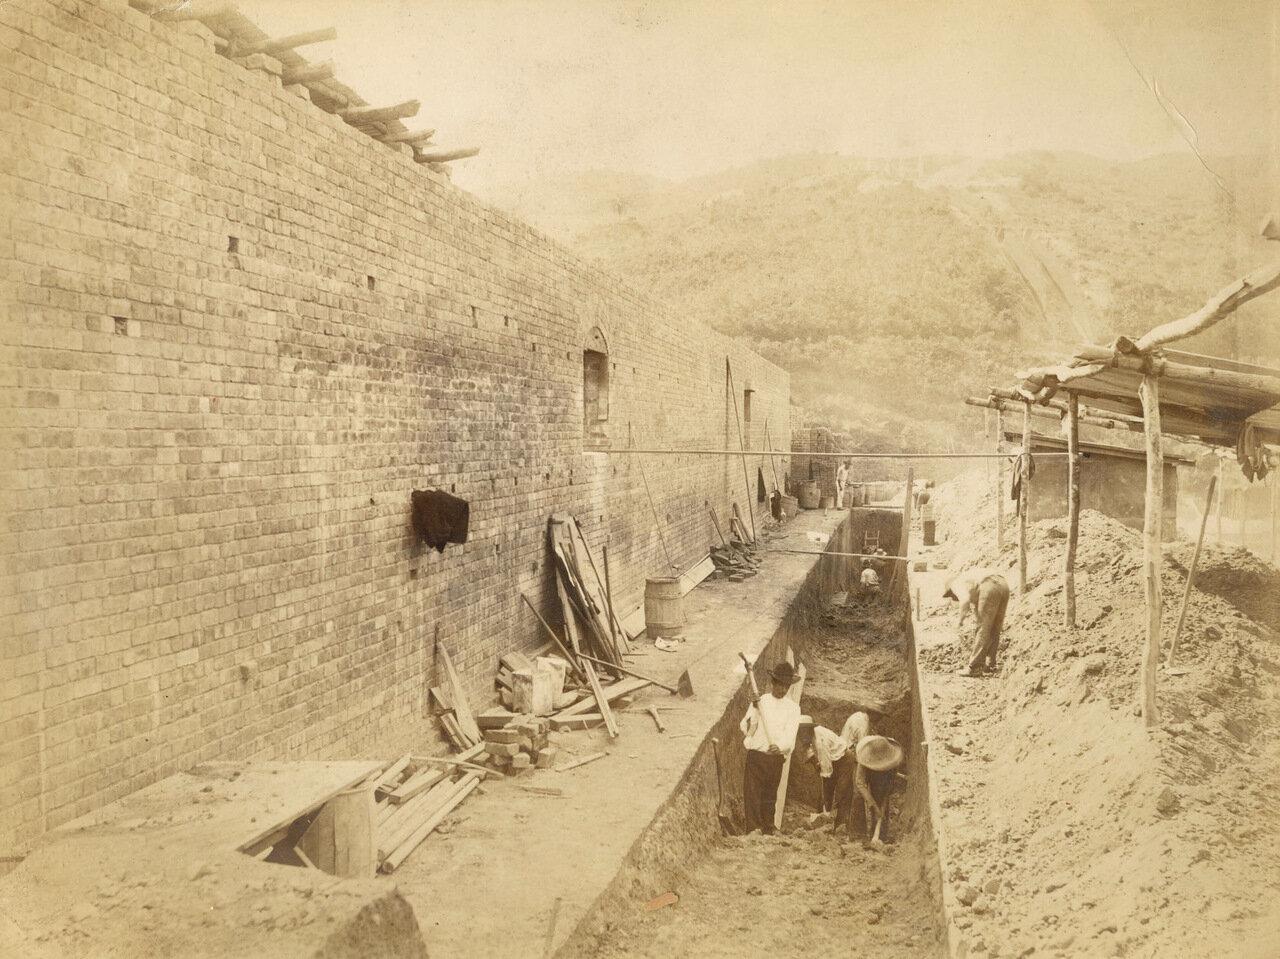 Сотрудники компании роют траншею в рамках строящихся проектов, 20 июля 1893